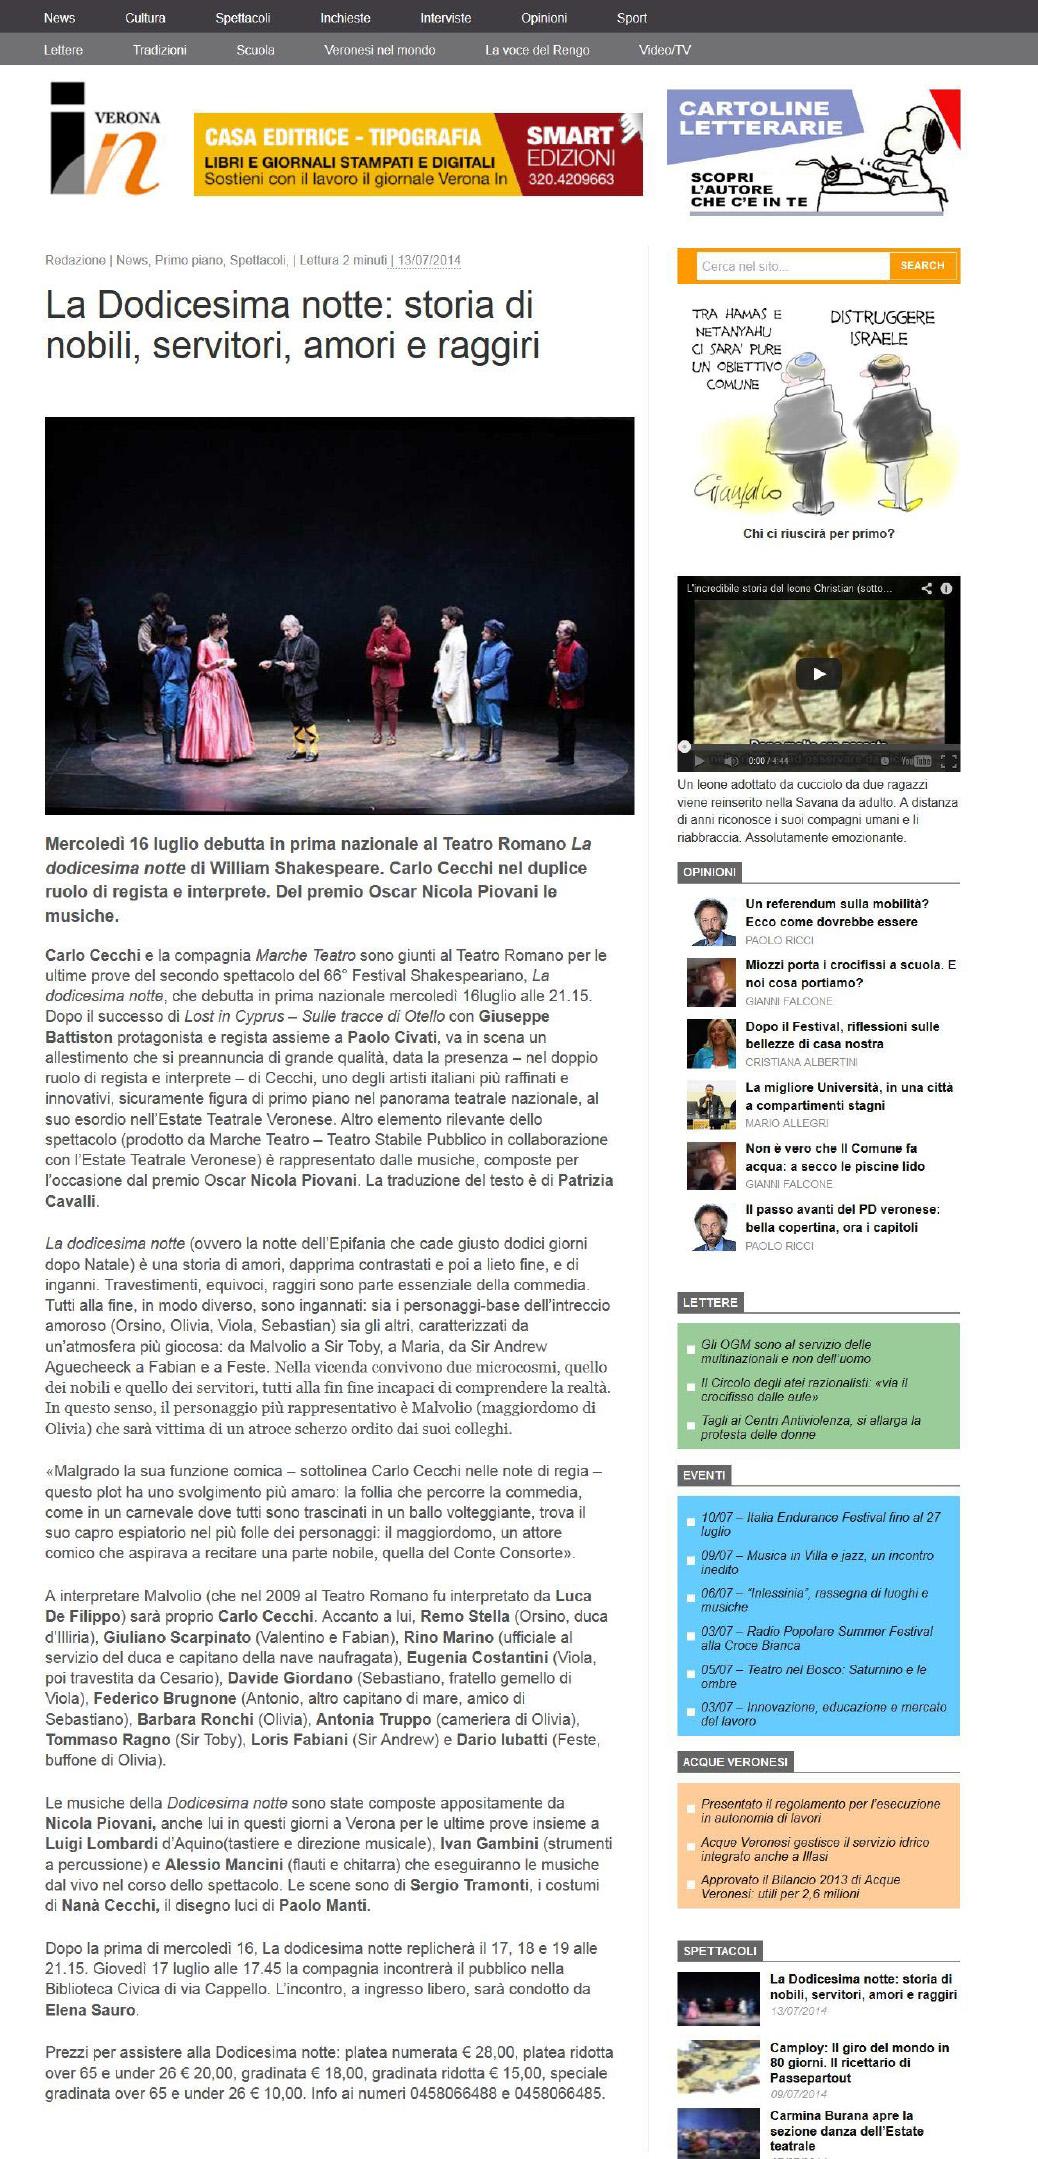 2014.07.13 La dodicesima notte storia di nobili,servitori, amori e raggiri - verona-in.it